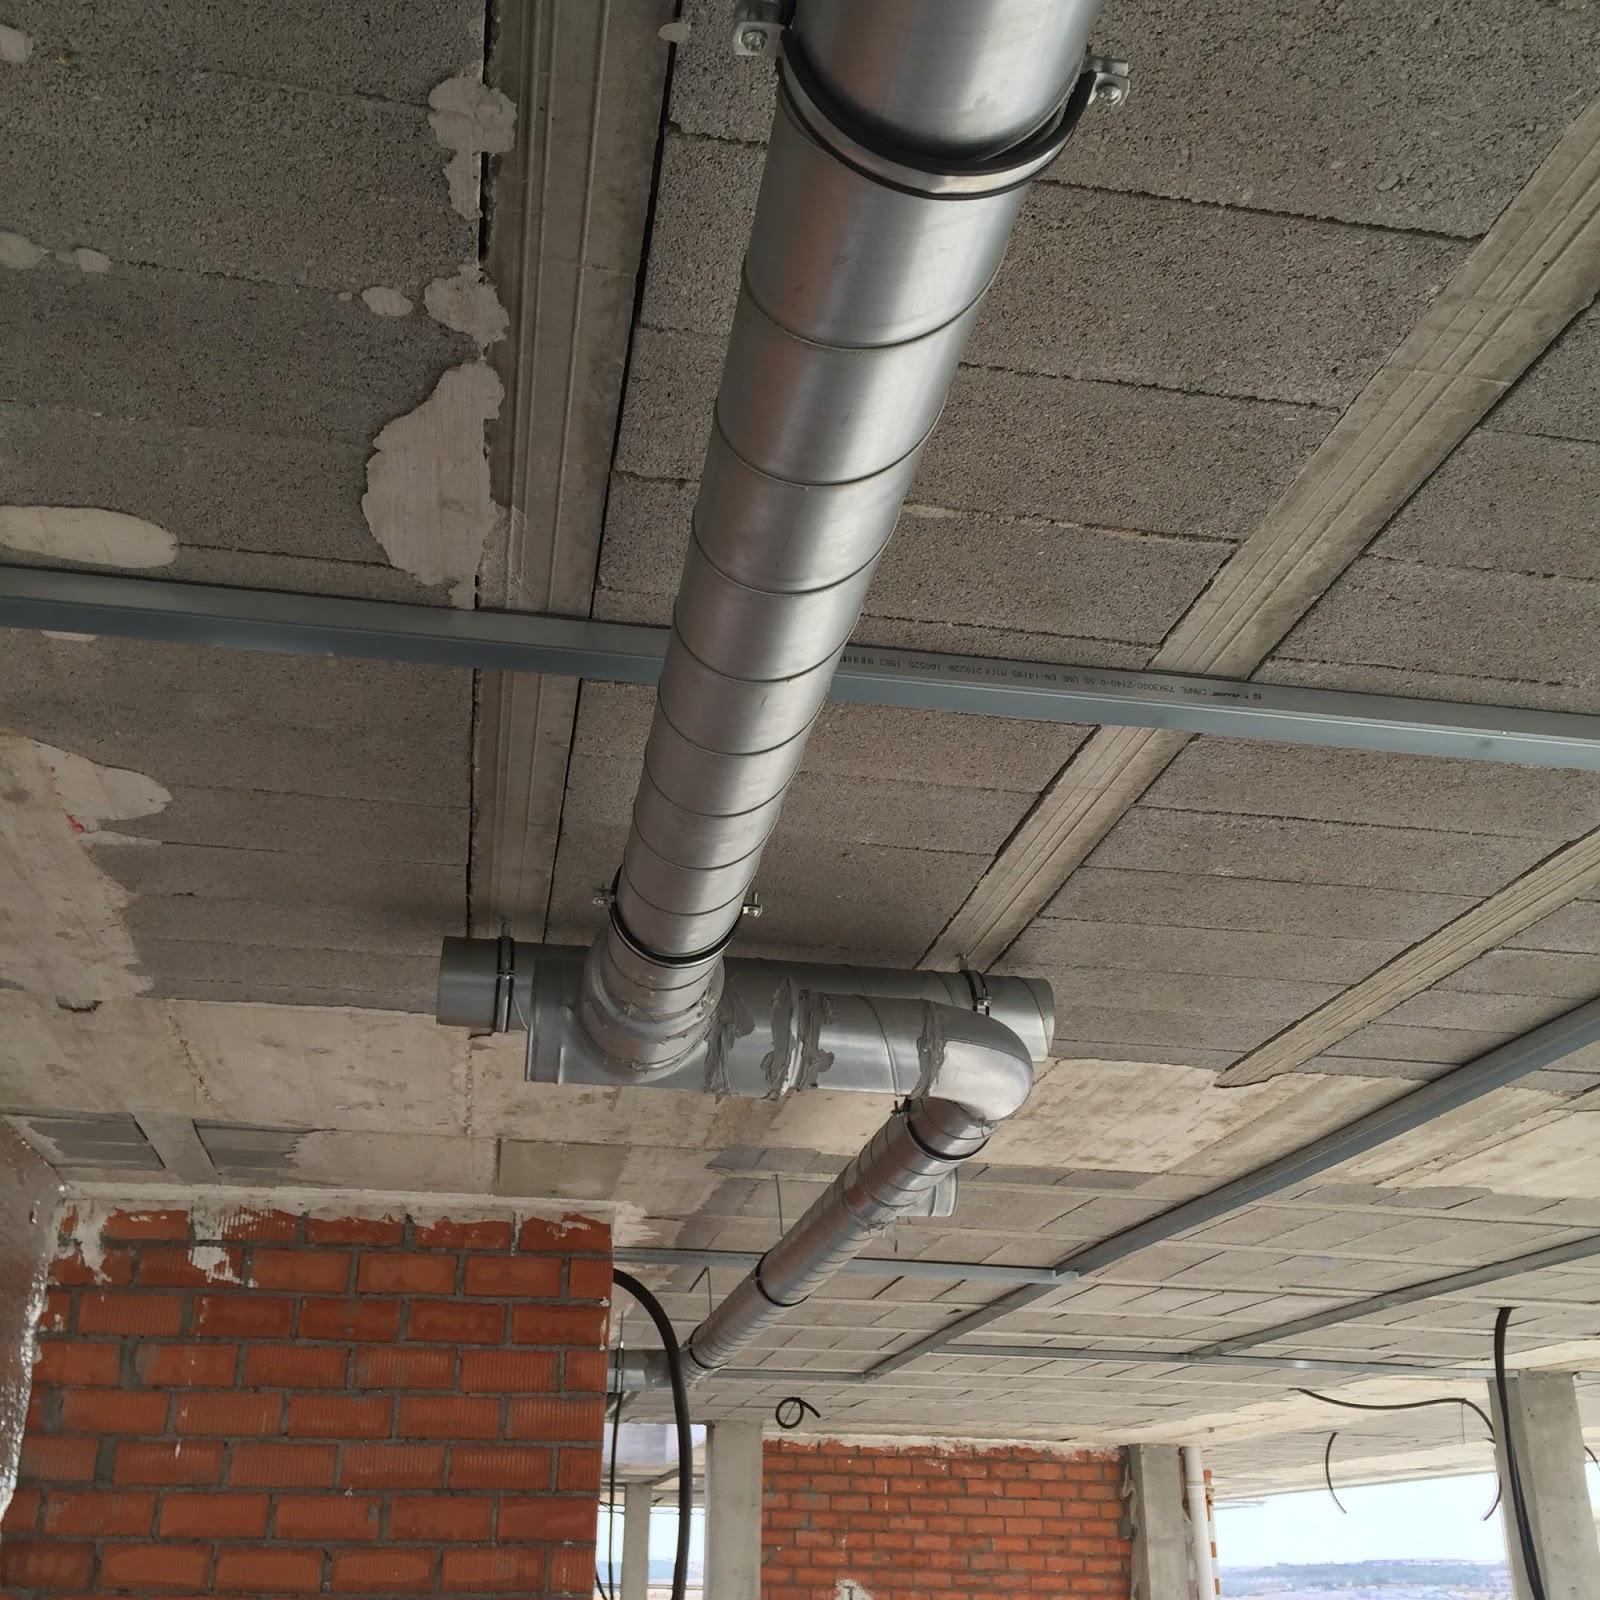 Instalaci n de aire acondicionado climatizaci n - Conductos de chapa ...